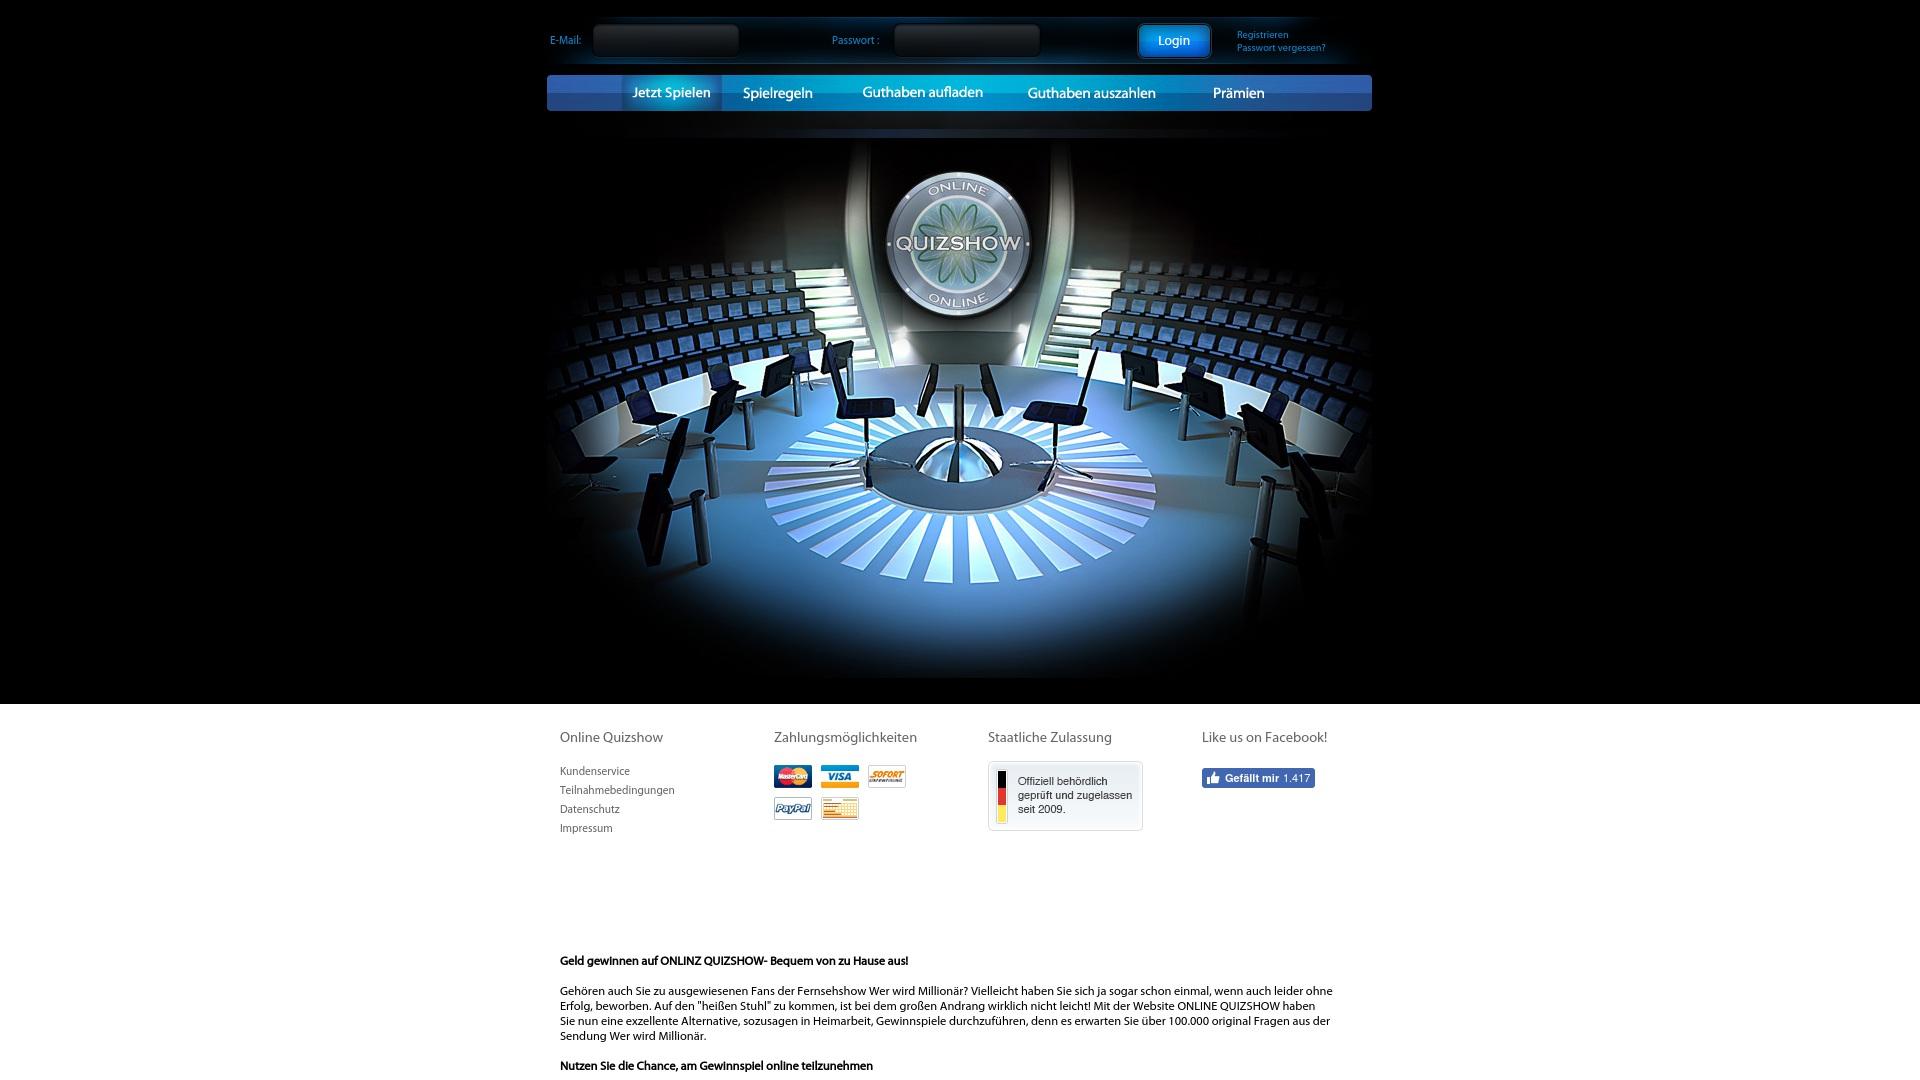 Gutschein für Online-quizshow: Rabatte für  Online-quizshow sichern